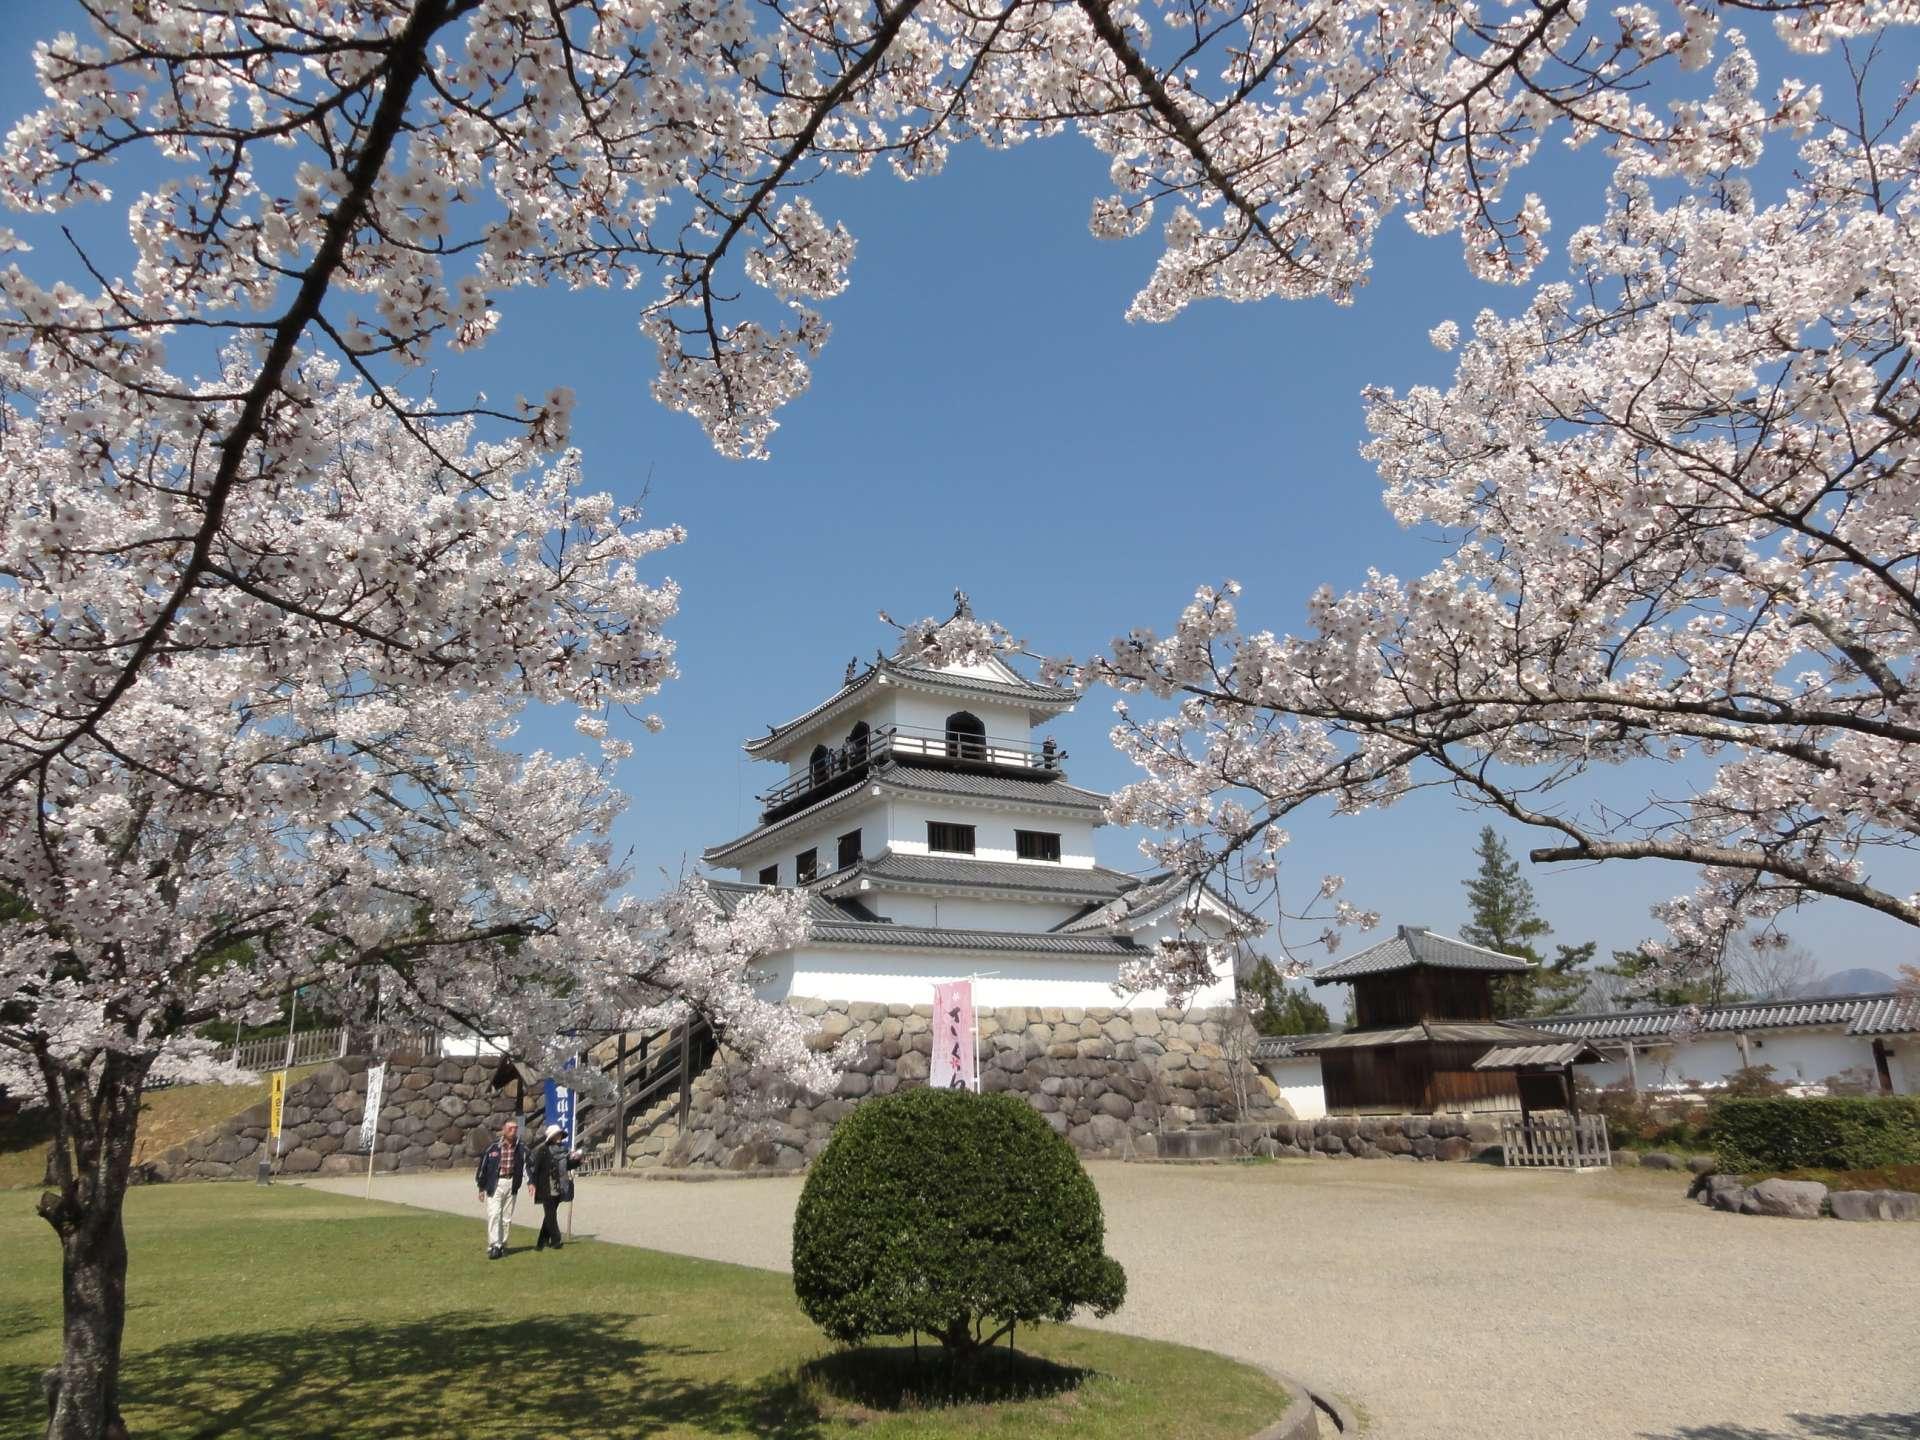 宫城赏樱:白石城(益冈公园)